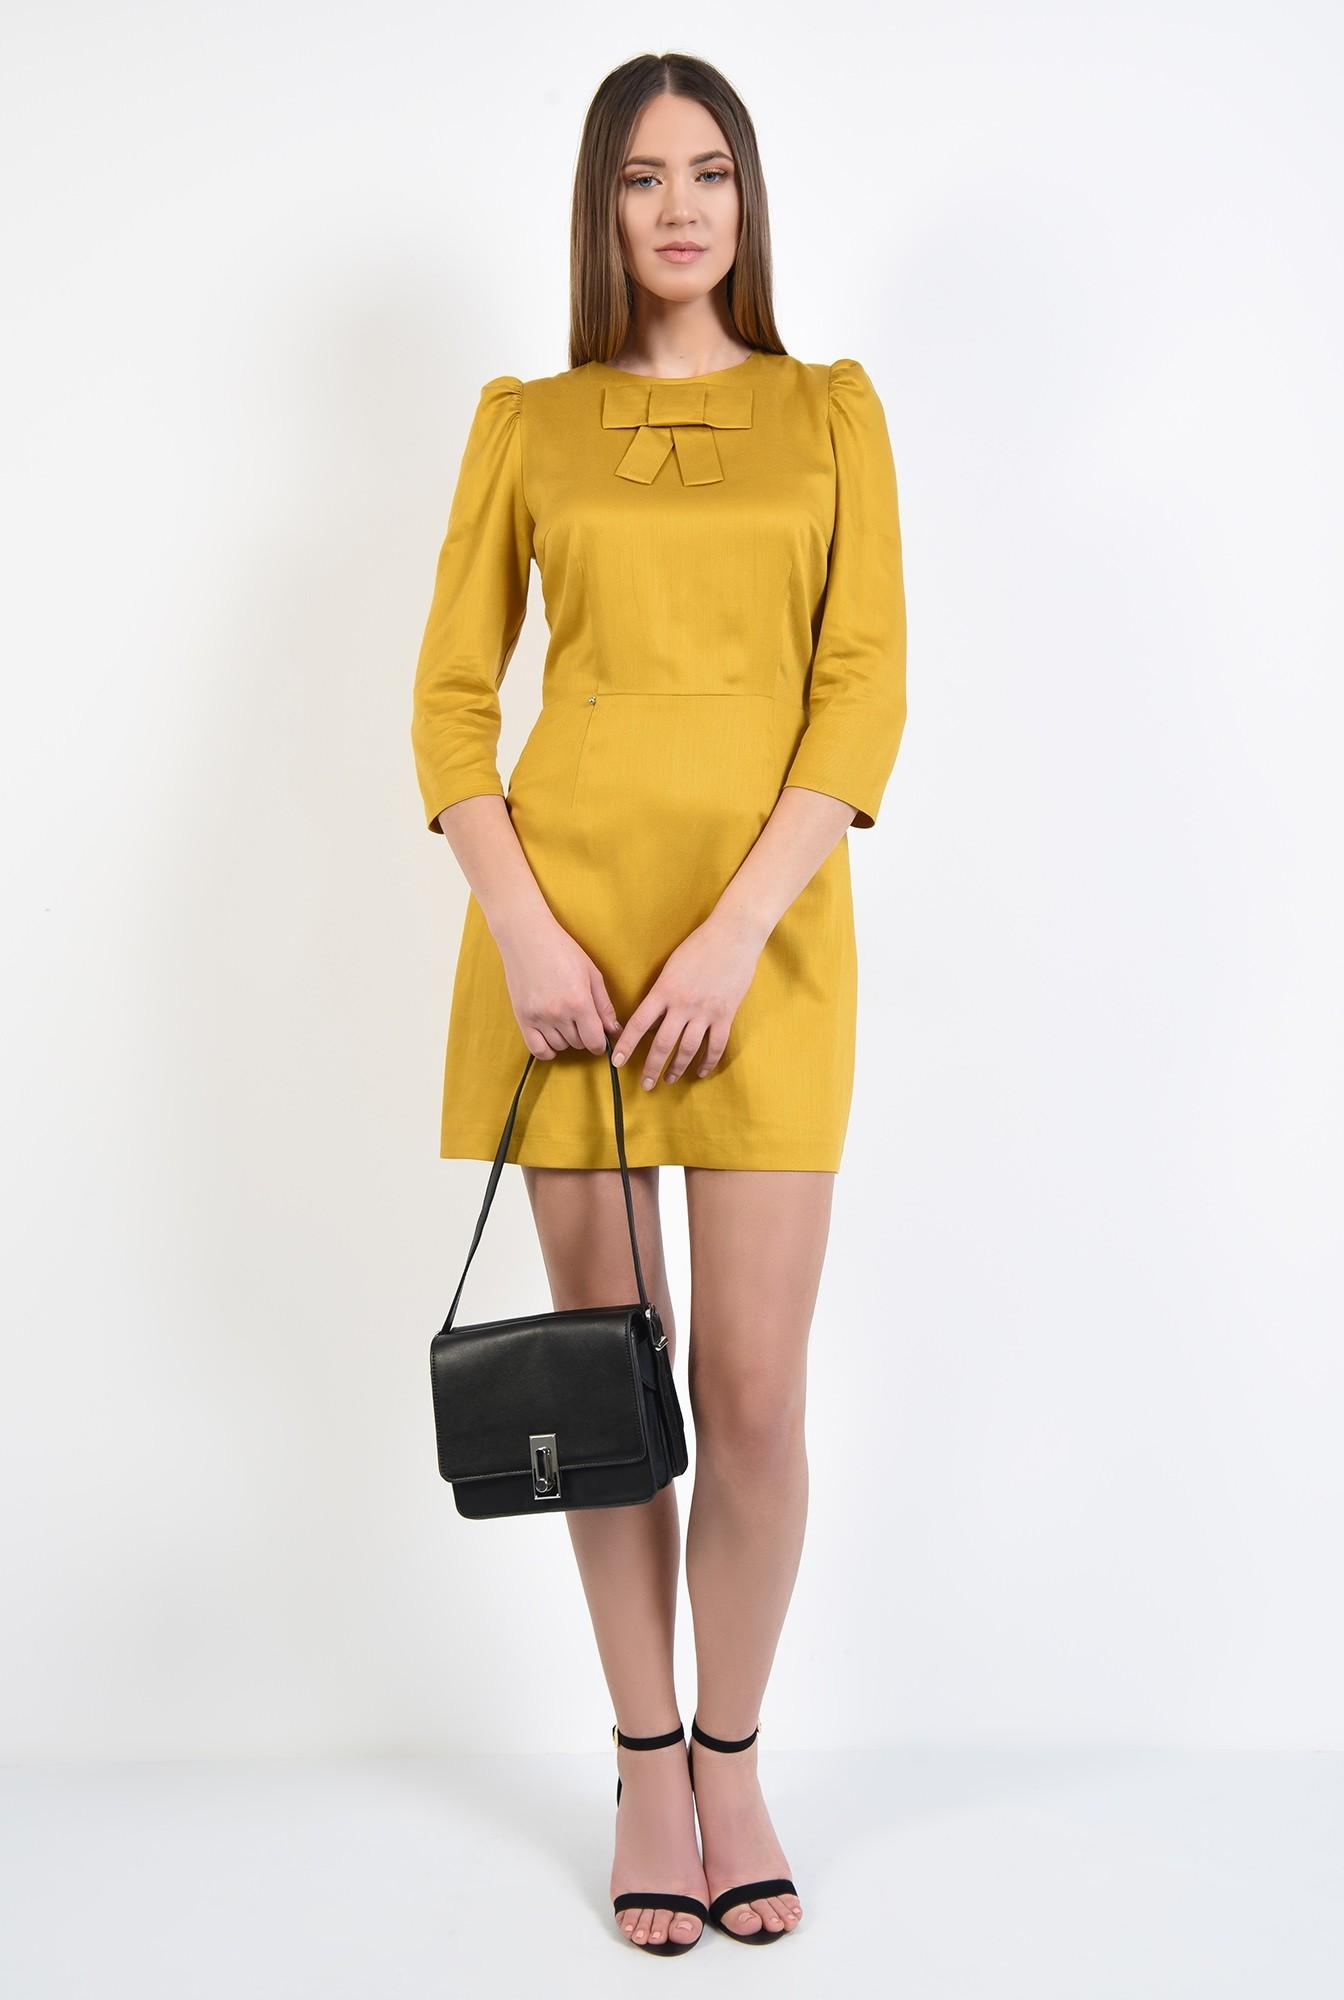 3 - rochie casual, mustar, cu funda, maneci 3/4, rochie din in